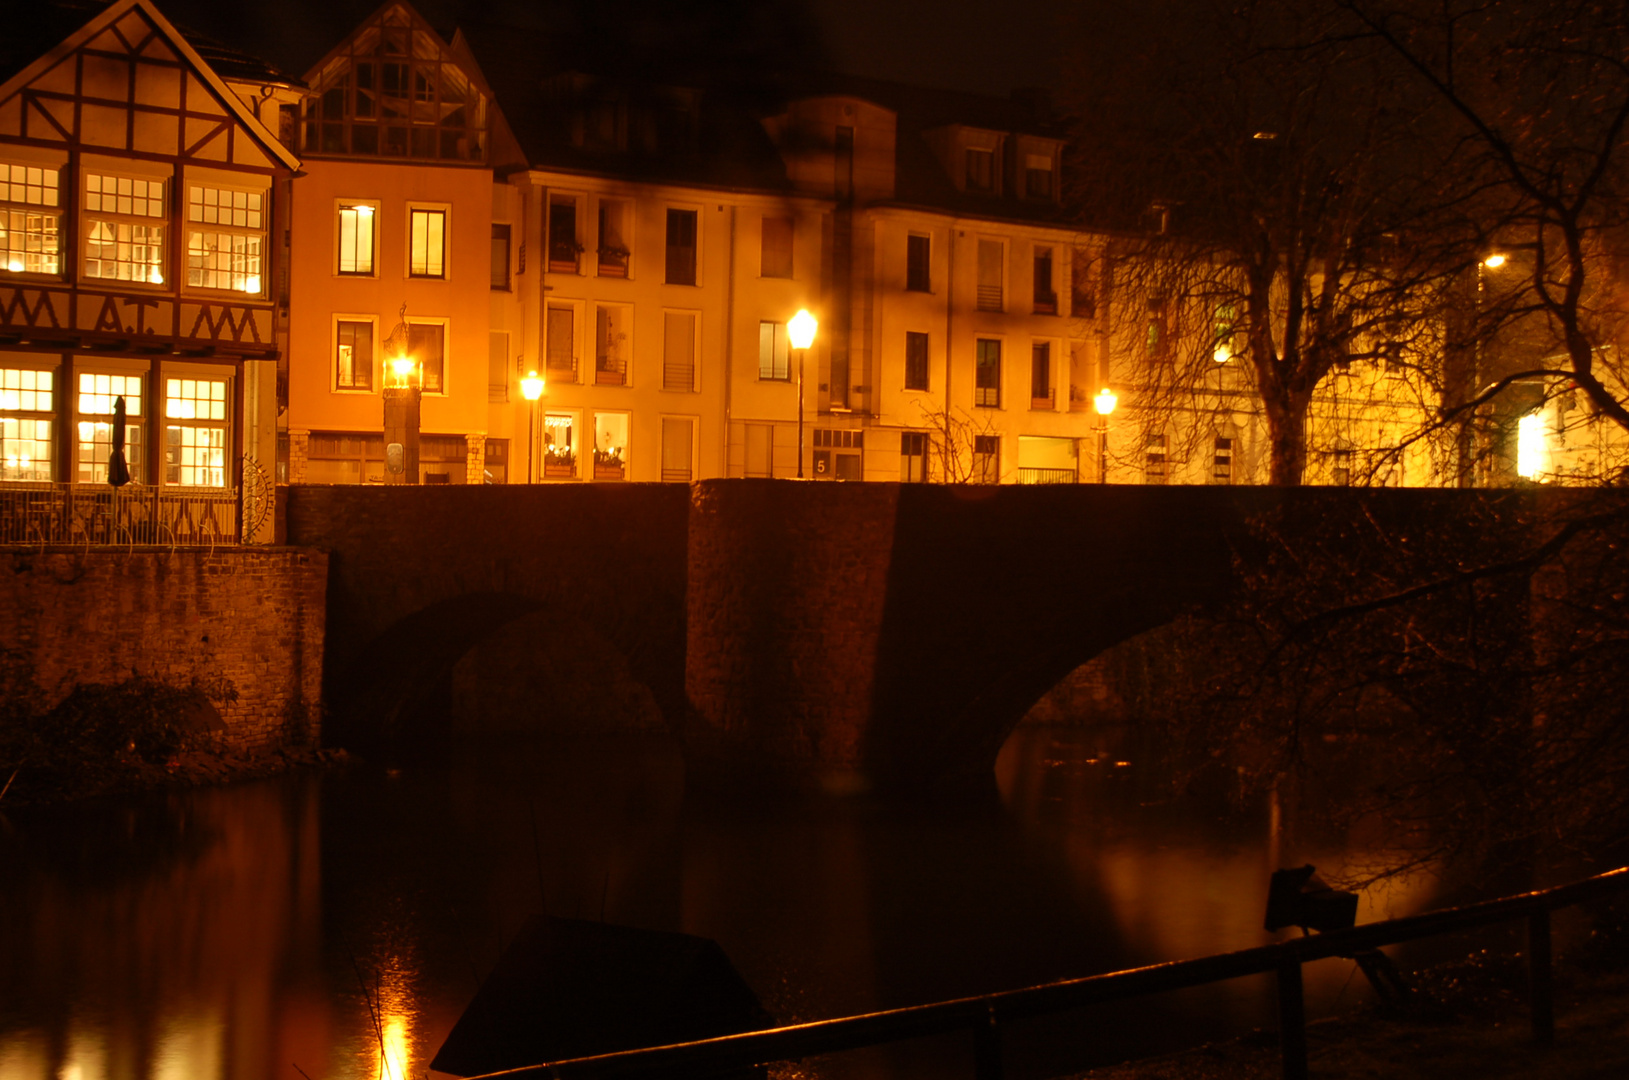 Essen-Kettwig Altstadtbrücke